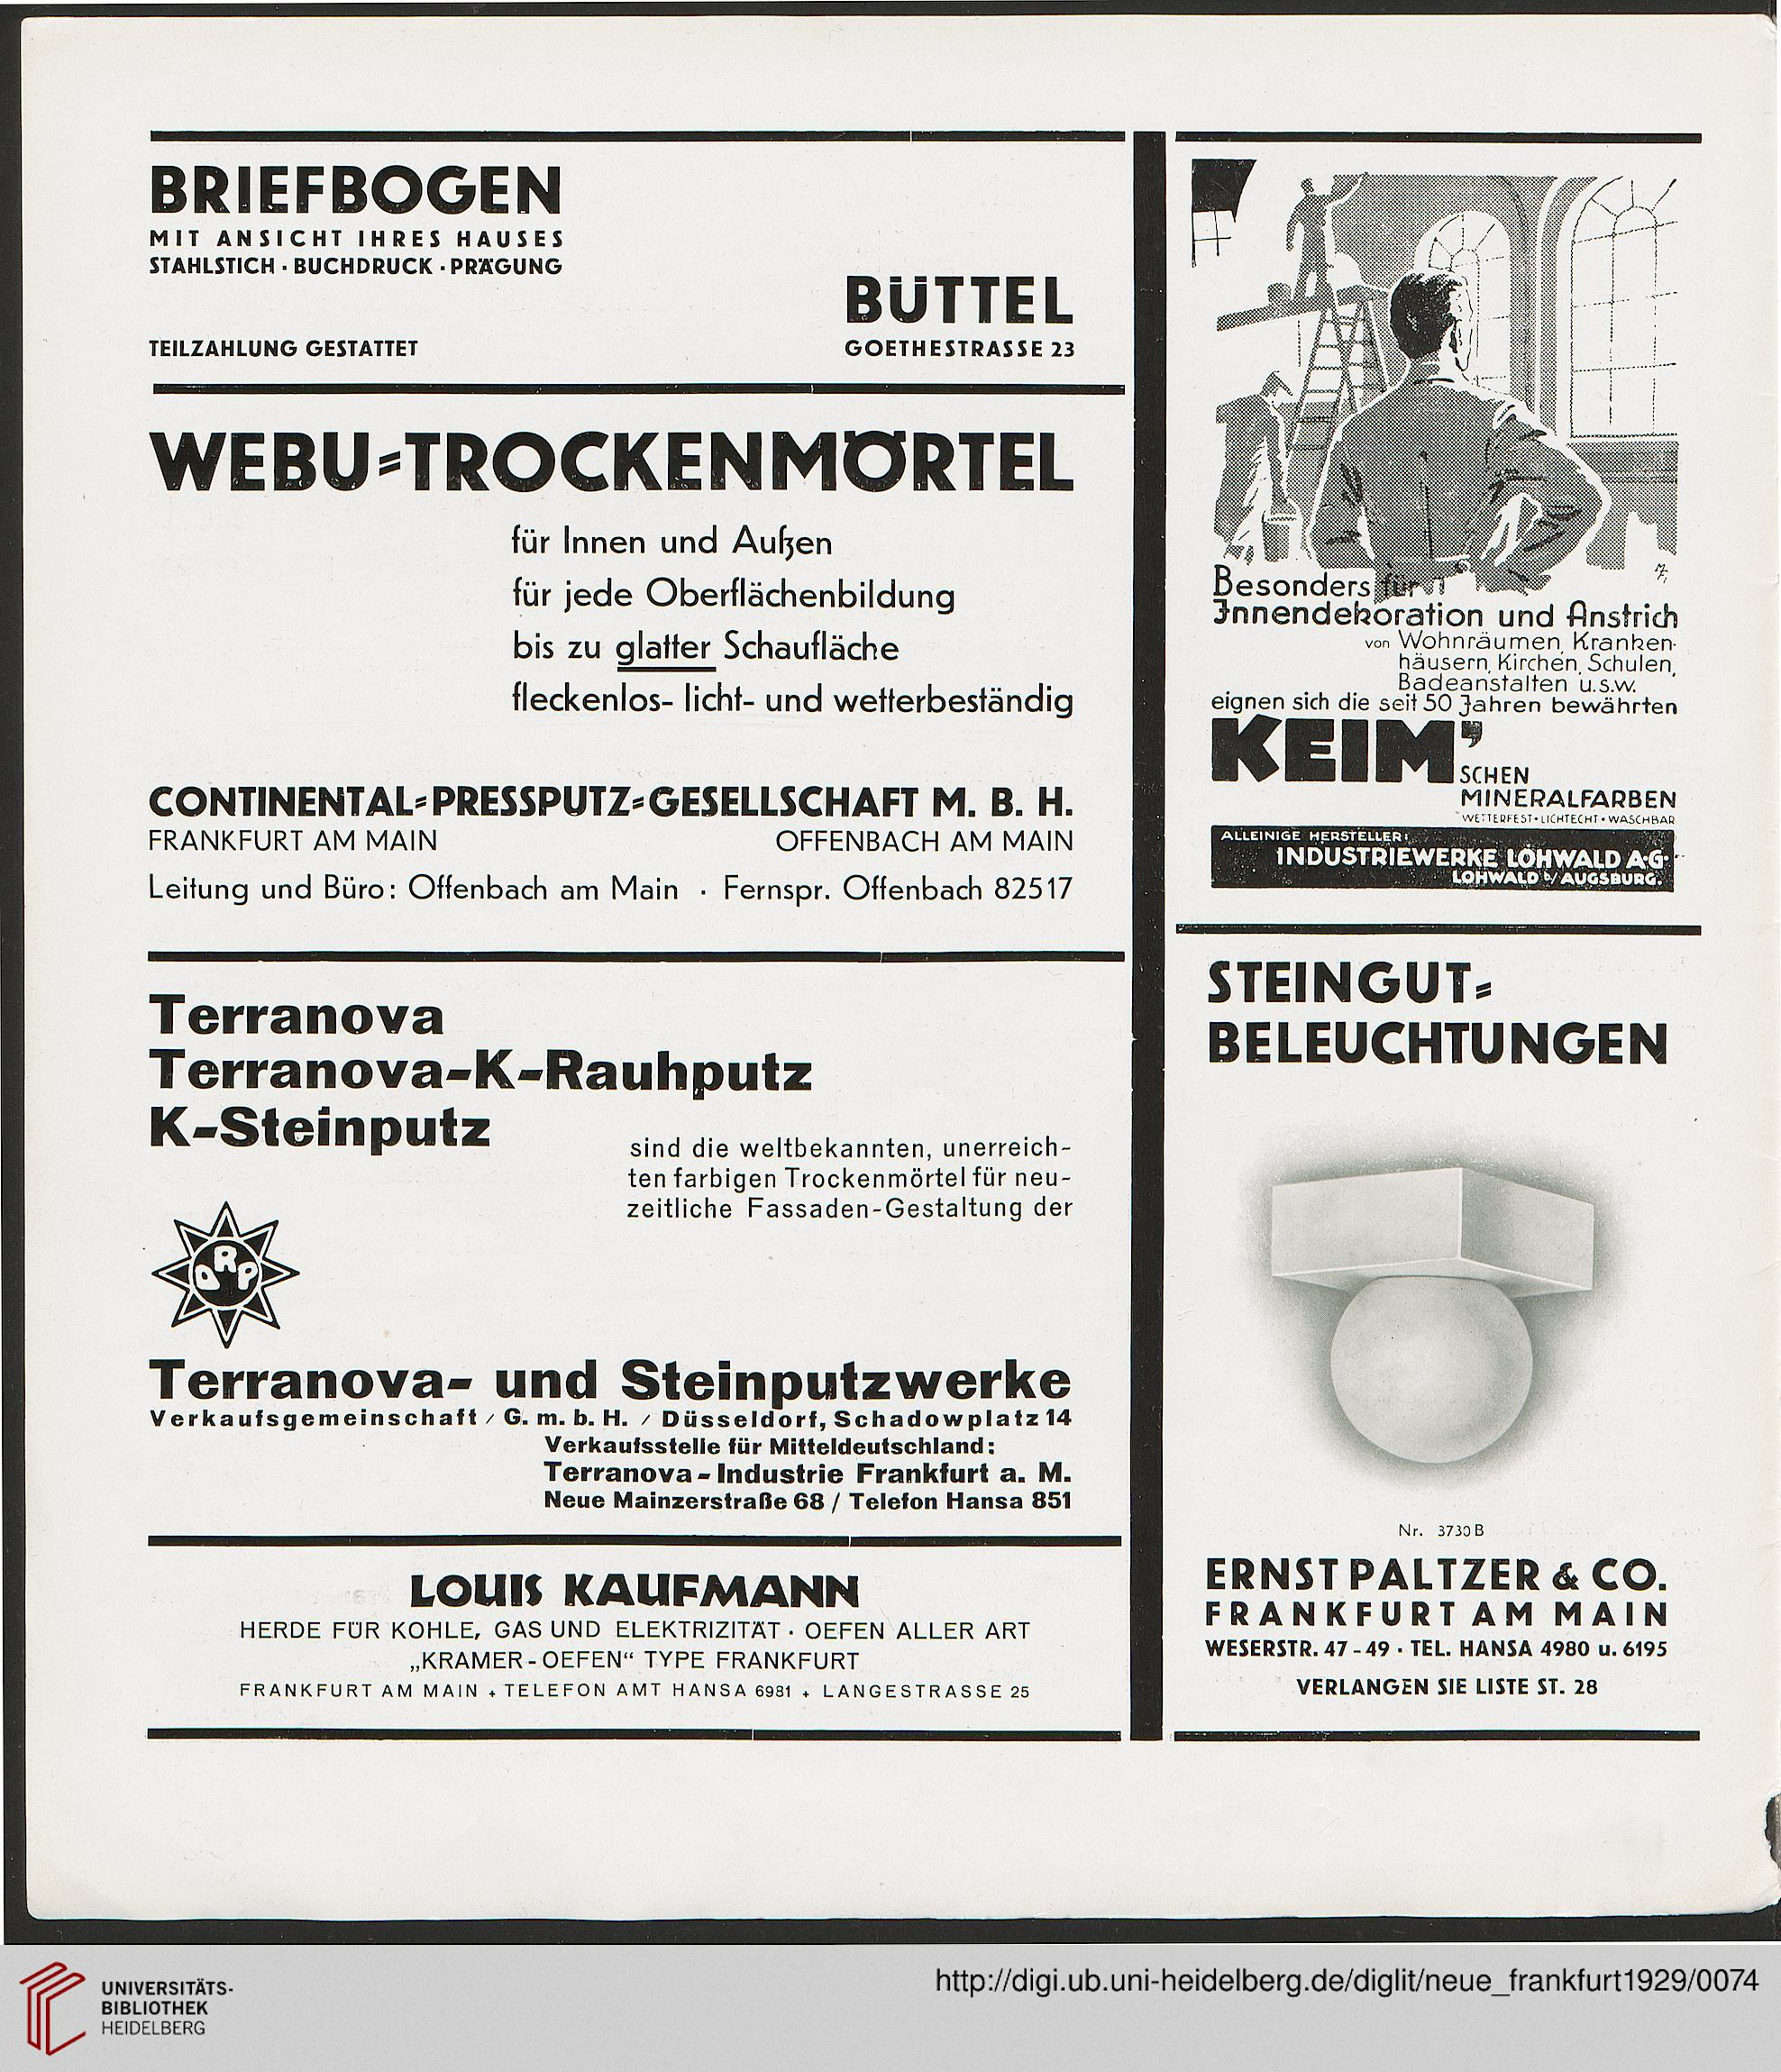 Beautiful Kirche Briefbogen Motif - FORTSETZUNG ARBEITSBLATT ...